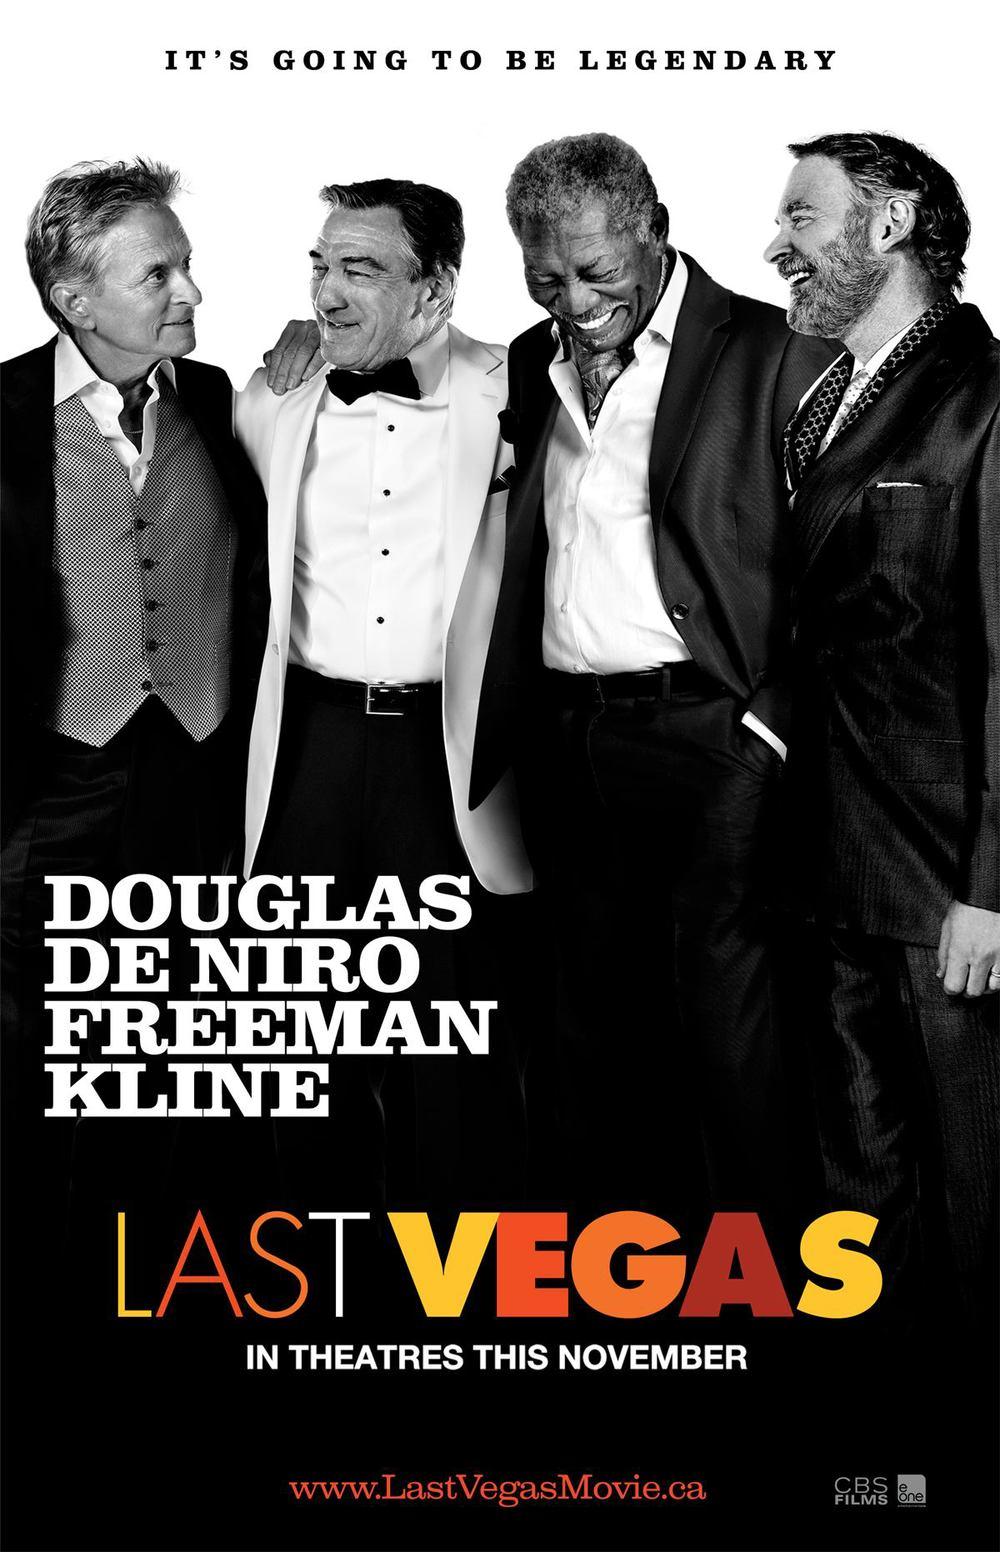 LAST-VEGAS-Poster.jpg